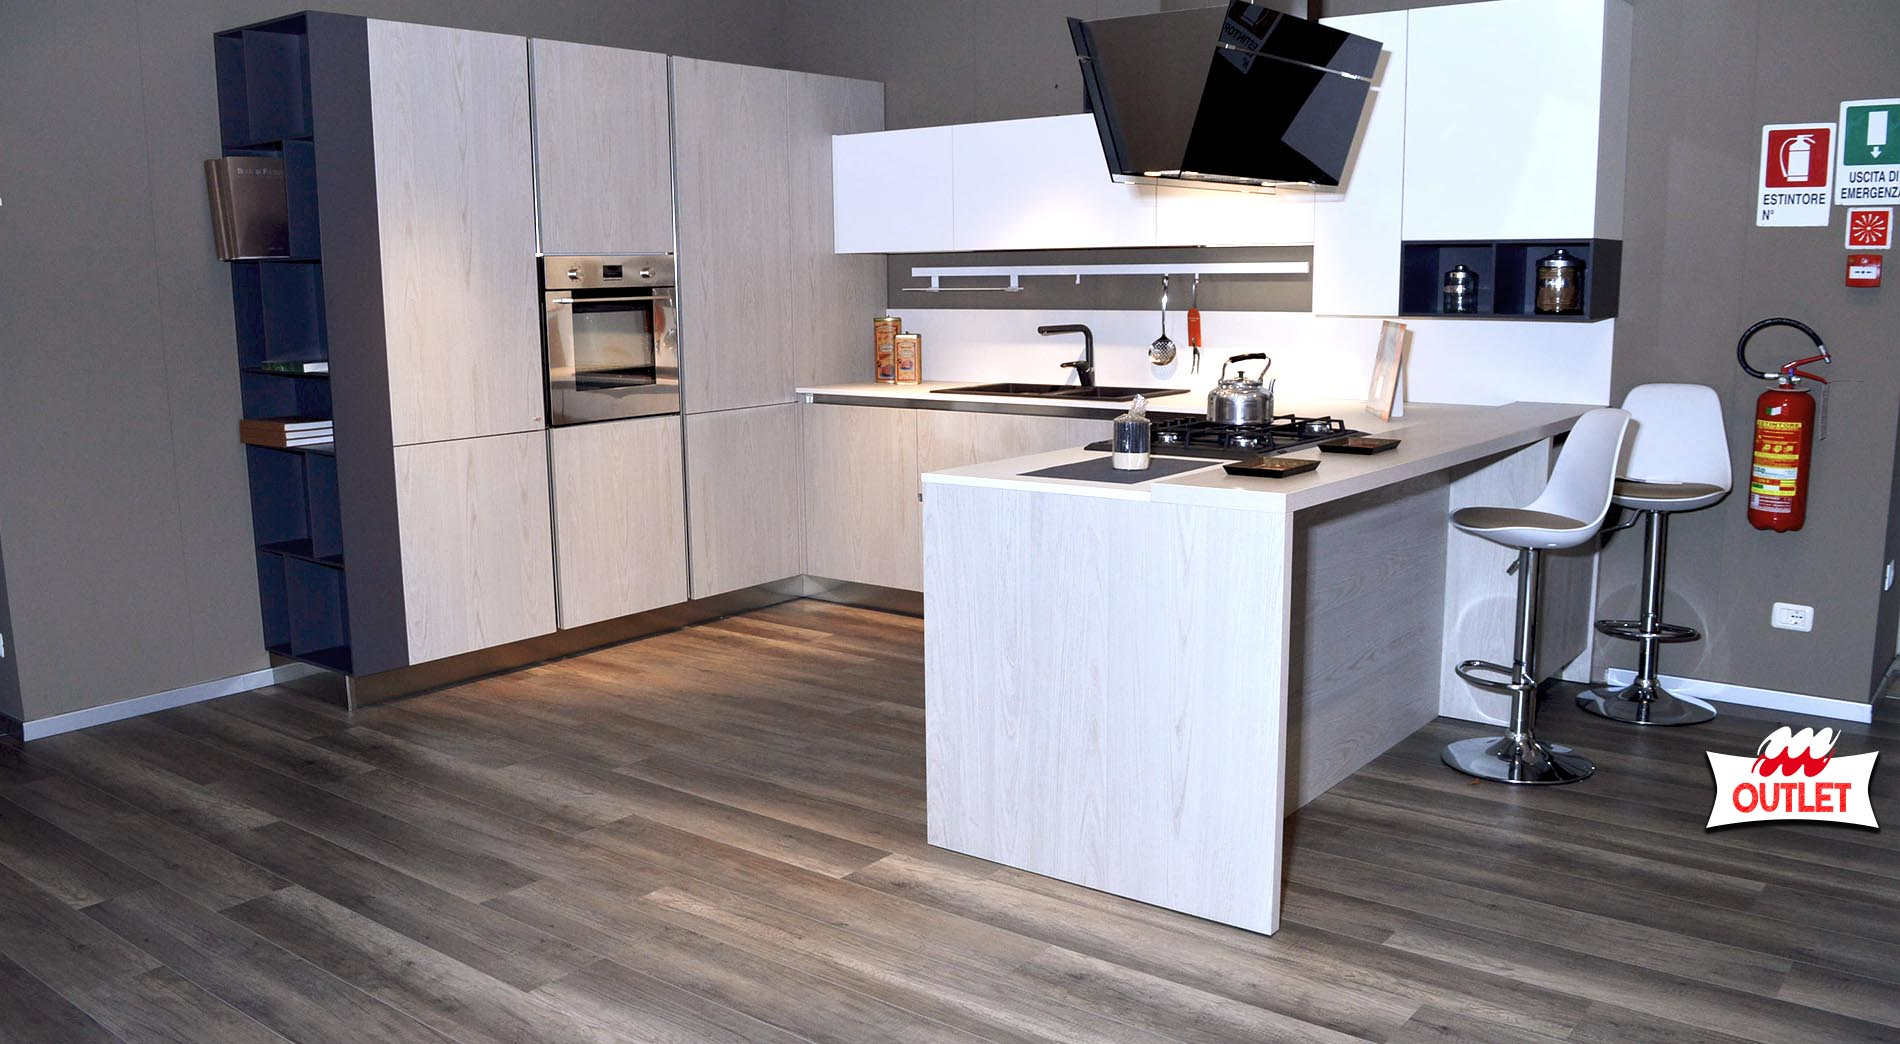 Cucina top fenix in offerta da arredamenti meneghello - Top cucina fenix prezzo ...